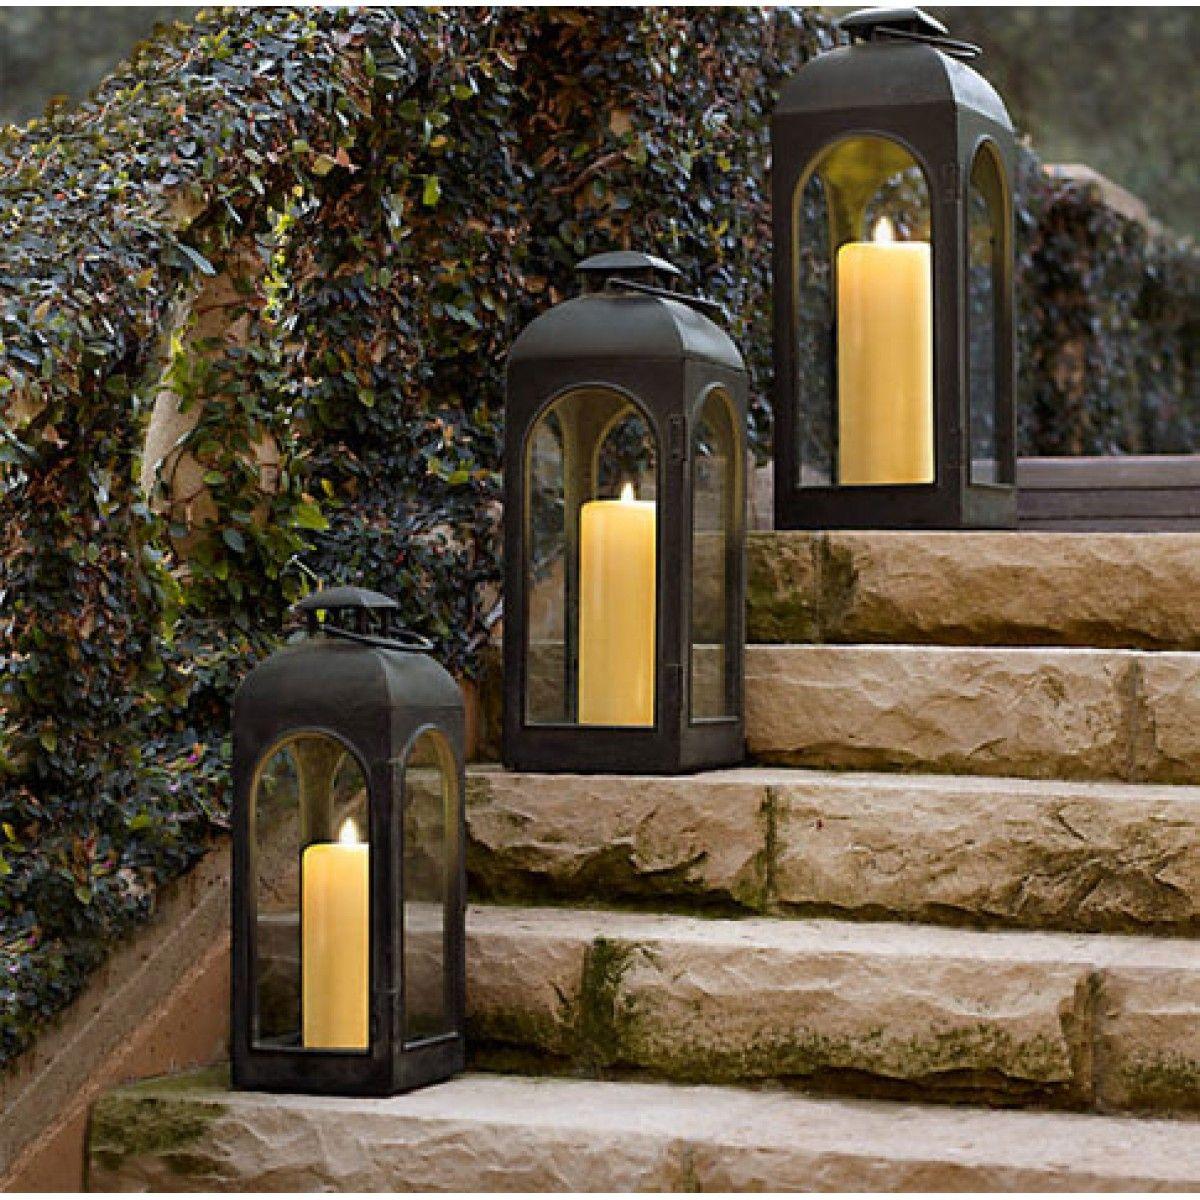 Windlicht groot 116 cm hoog exclusief windlicht groot gemaakt van een zeer zware kwaliteit for Buiten patio model